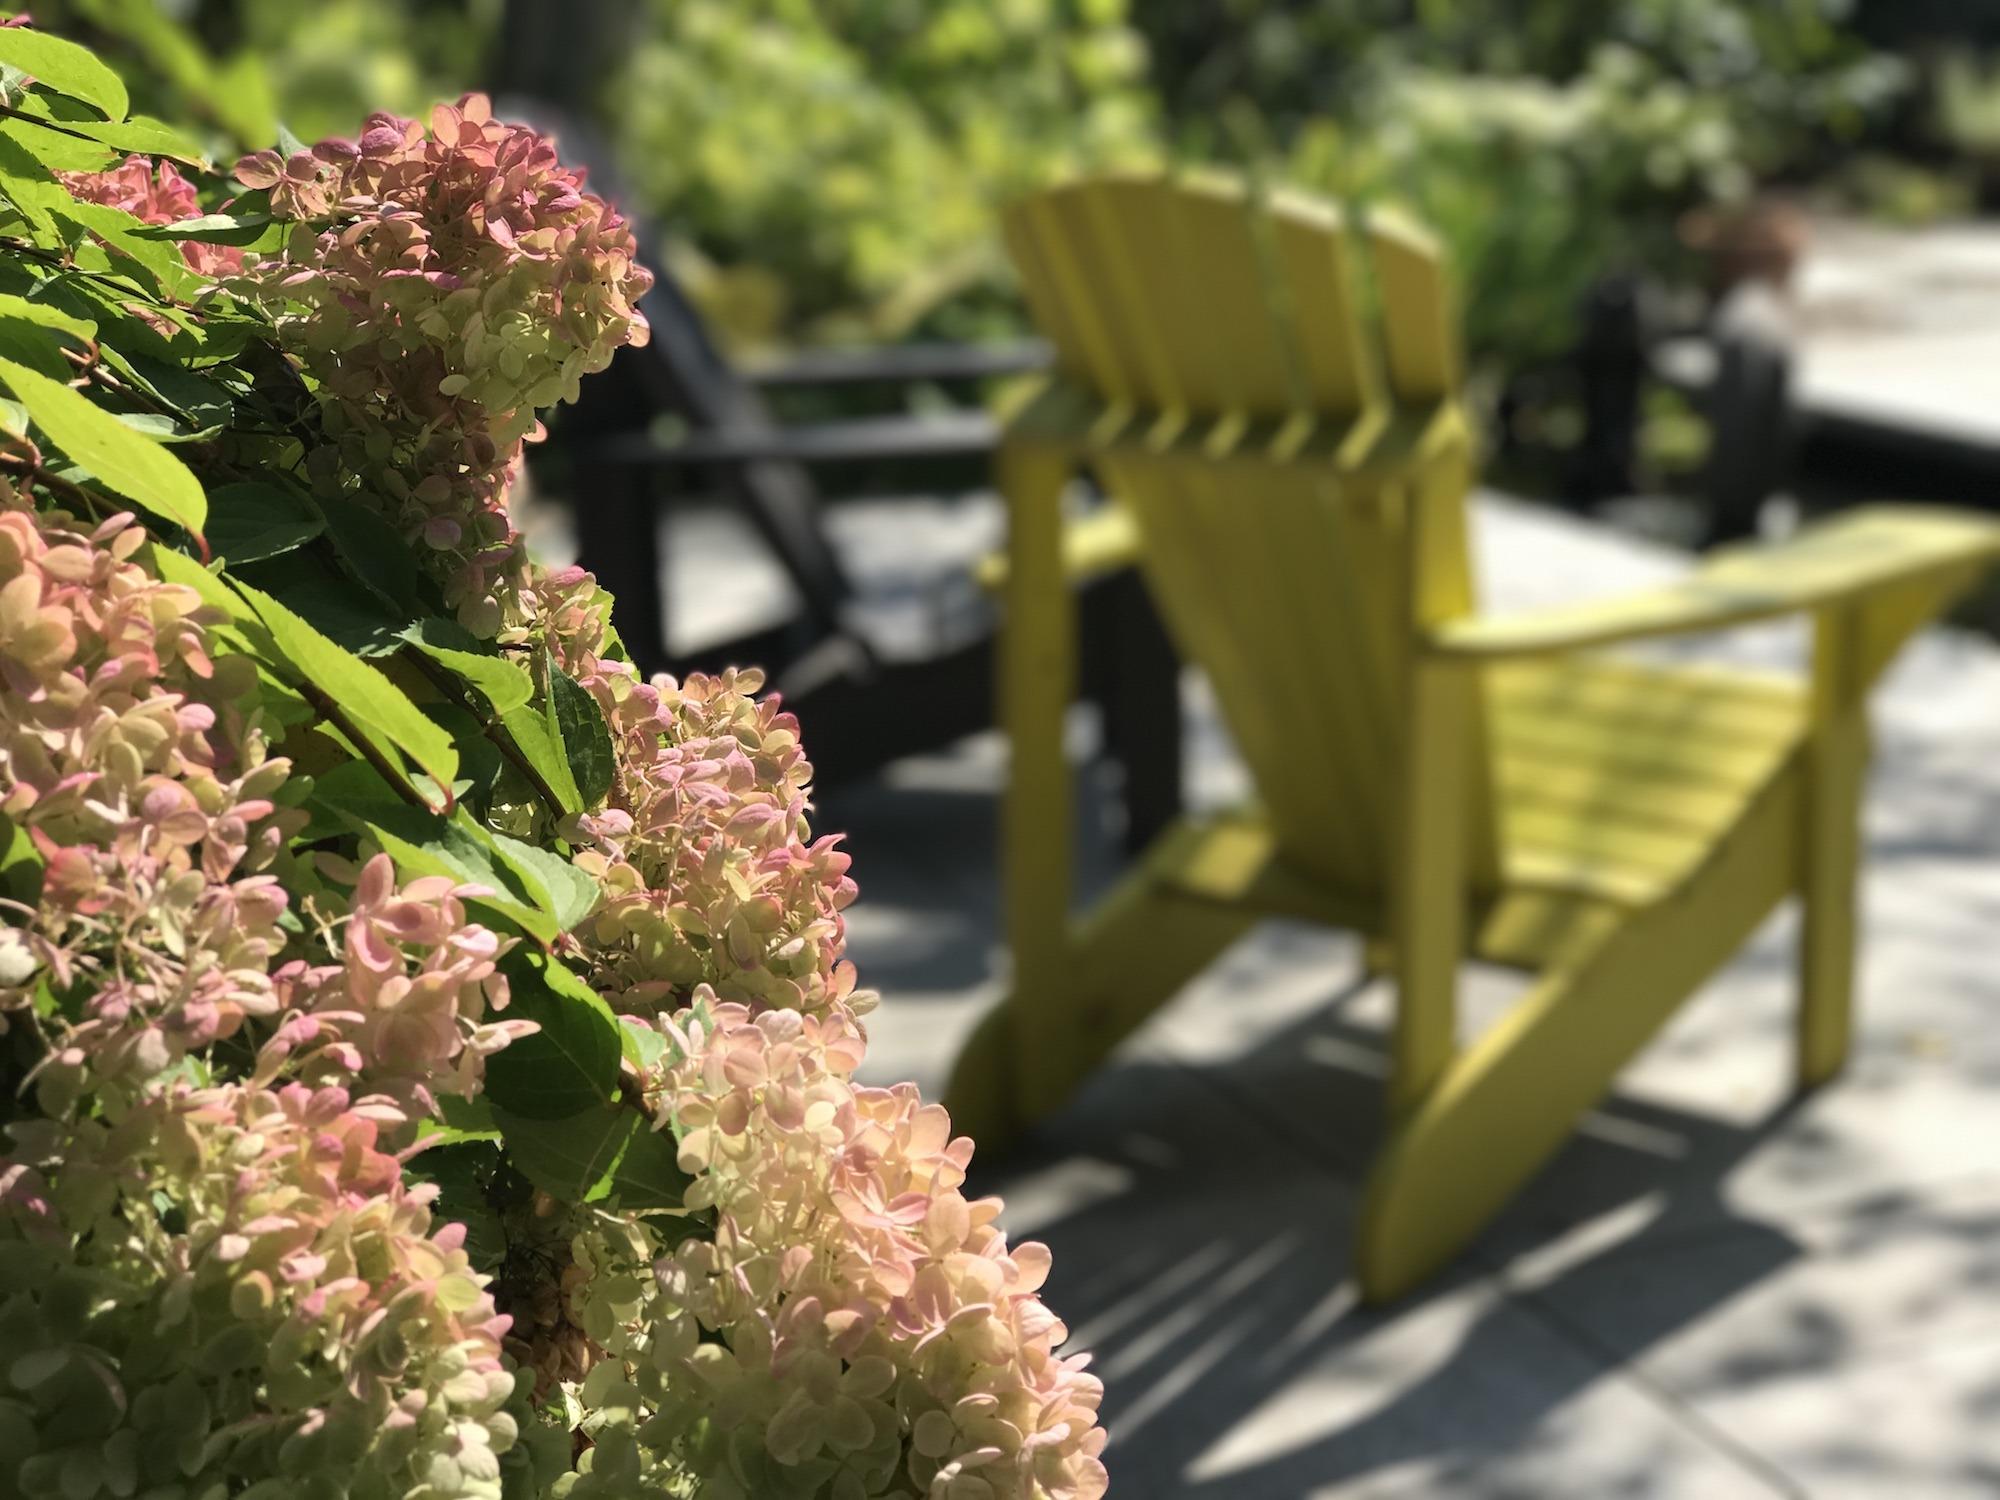 Fleurs avec chaises Adirondack en arrière-plan